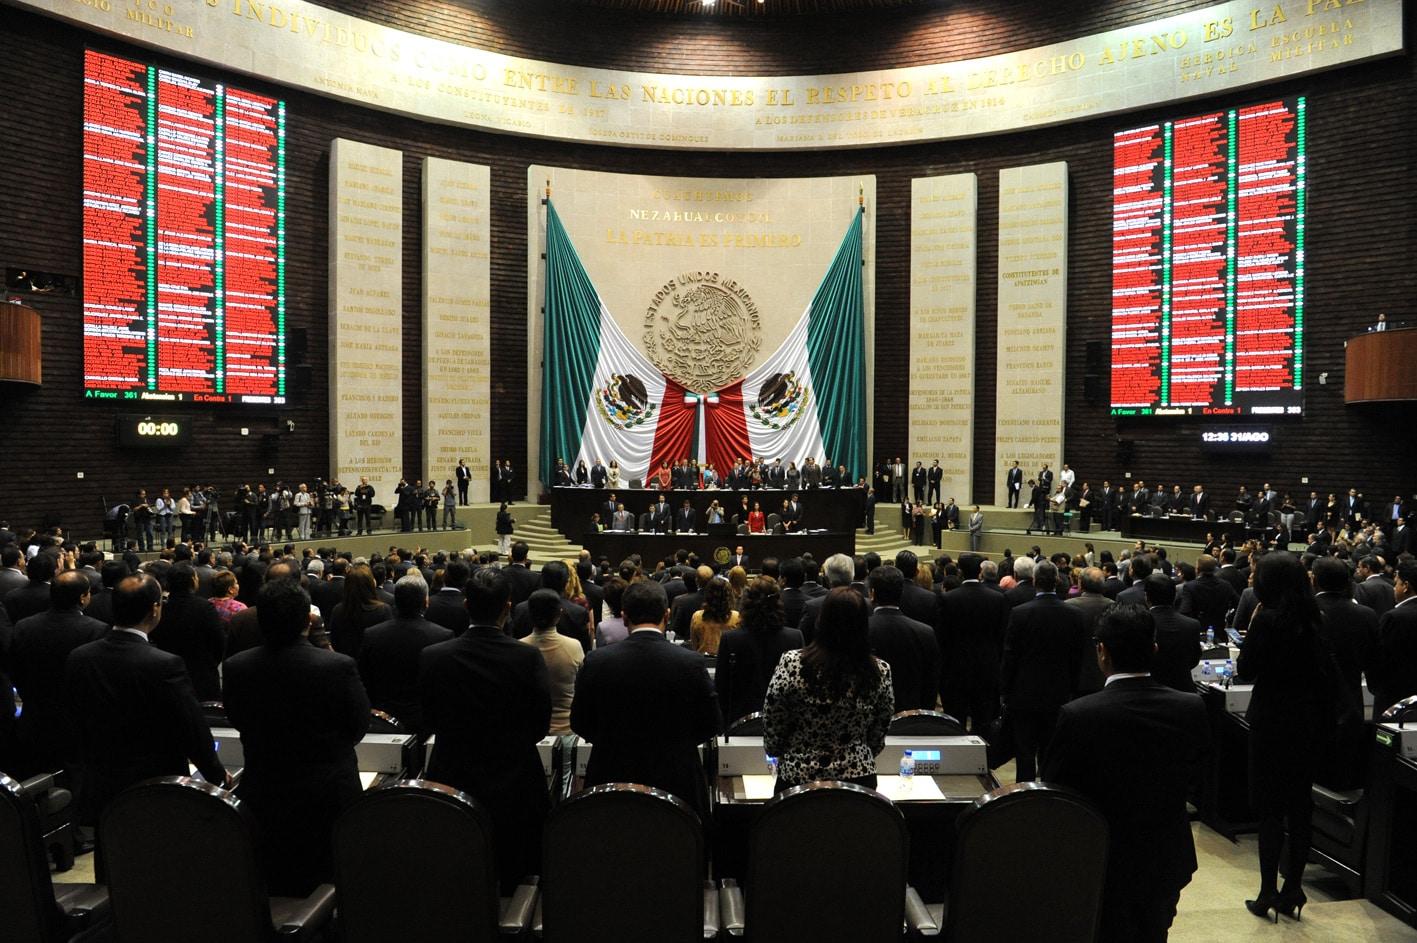 Diputados, 63 Legislatura, Morena